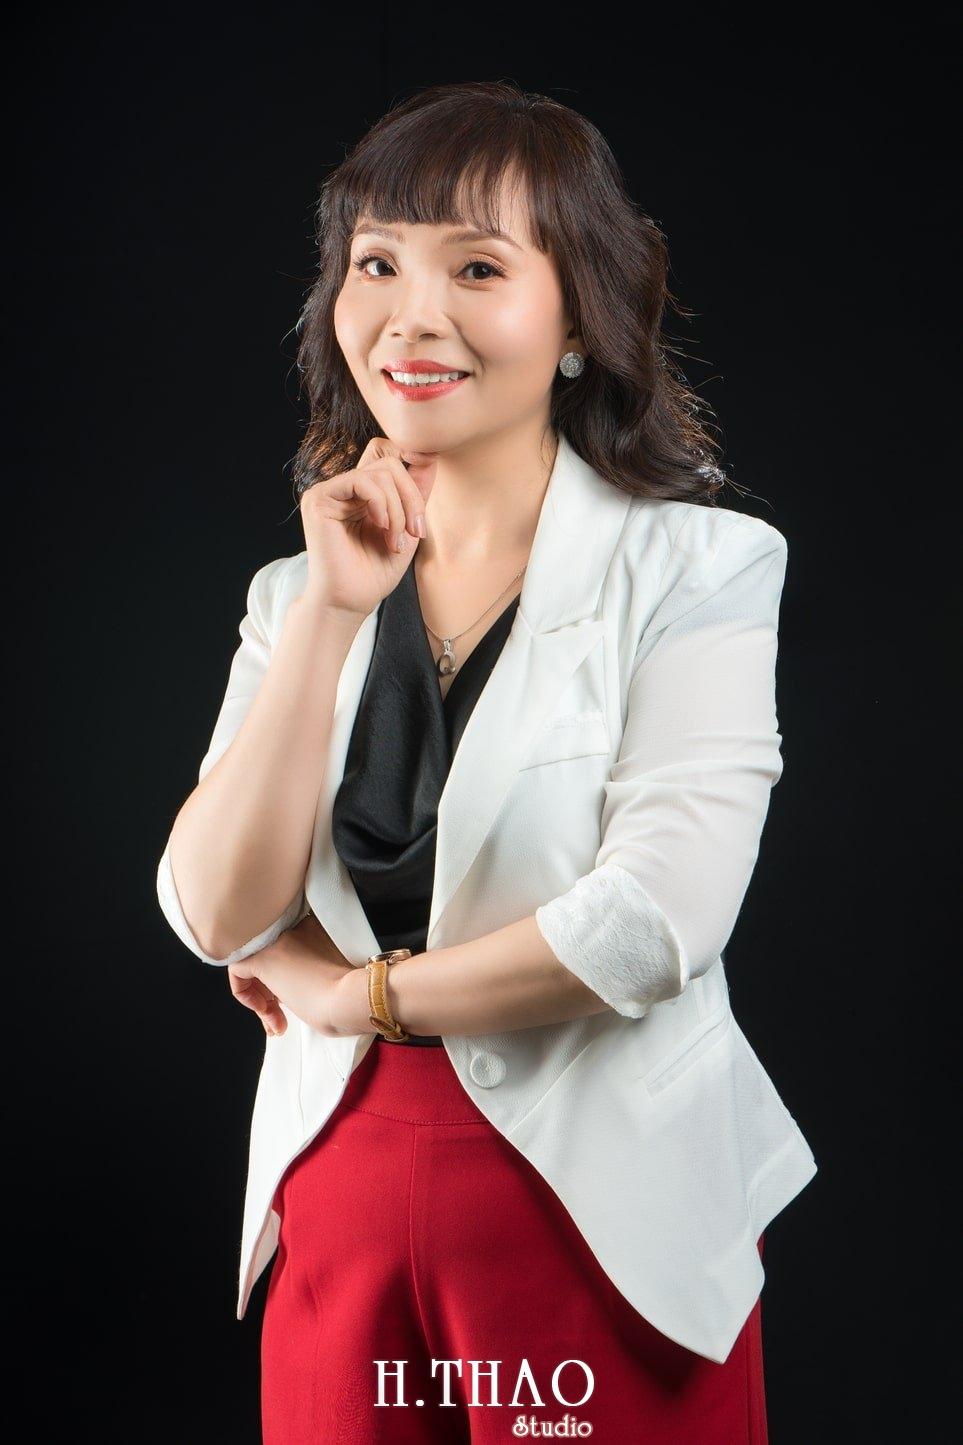 Chi Quynh 3 - Bộ ảnh Doanh nhân, Tiến sĩ V.T.B Quỳnh đẹp, sang trọng - HThao Studio